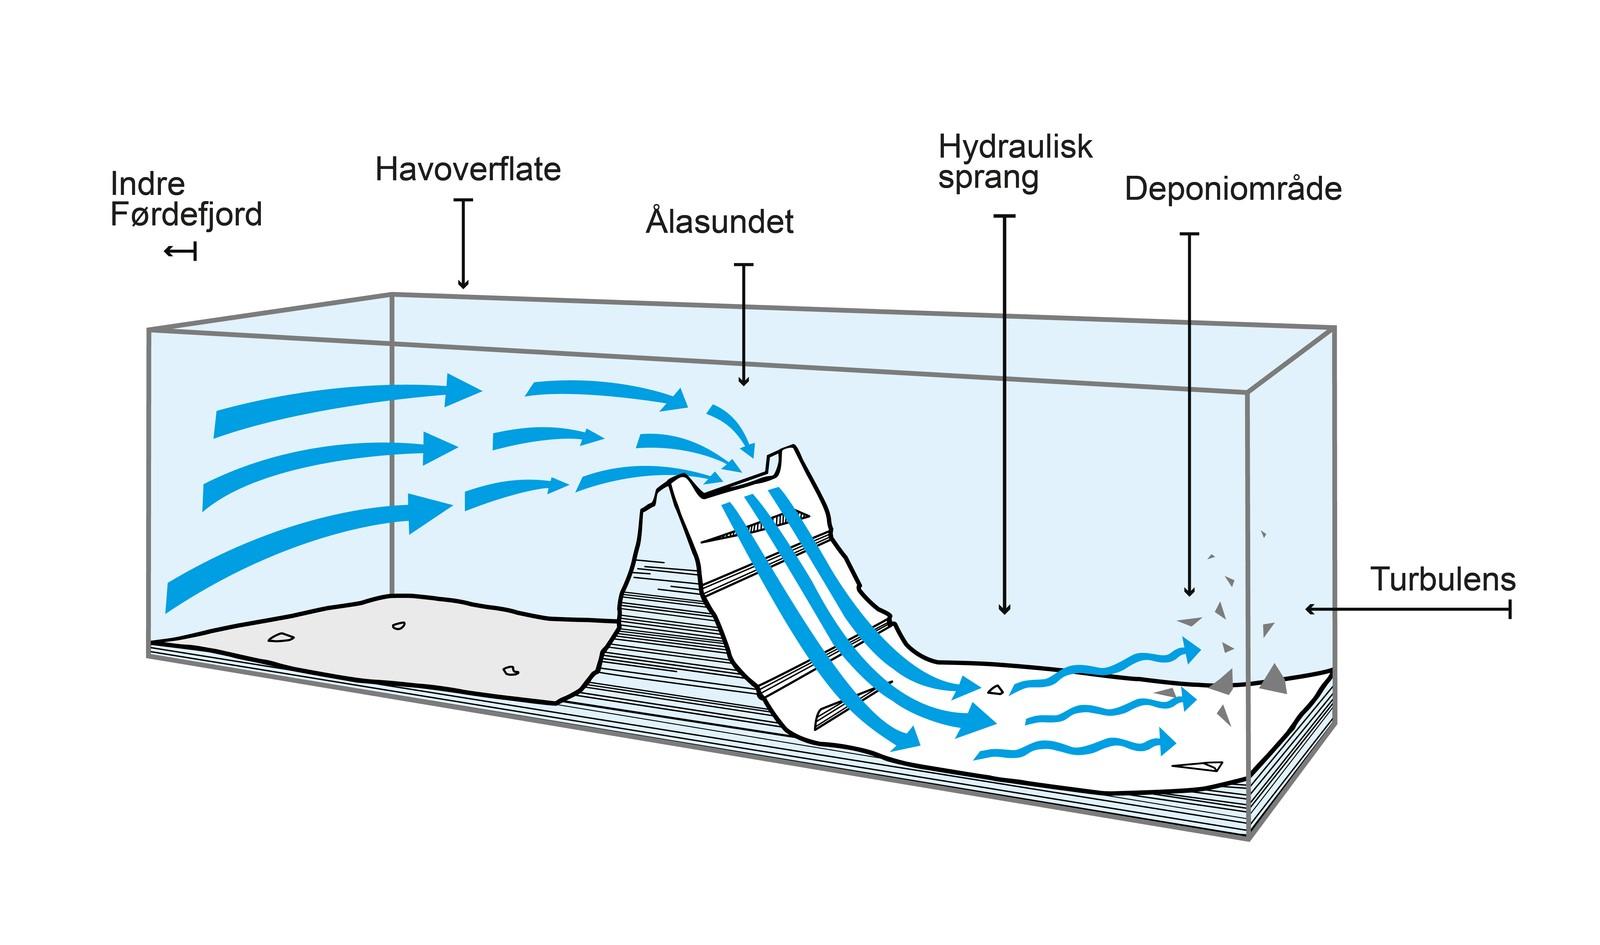 Forskerne ved UiB ønsker nå å gjennomføre mer nøyaktige målinger for å fastslå om fenomenet finnes i Førdefjorden.